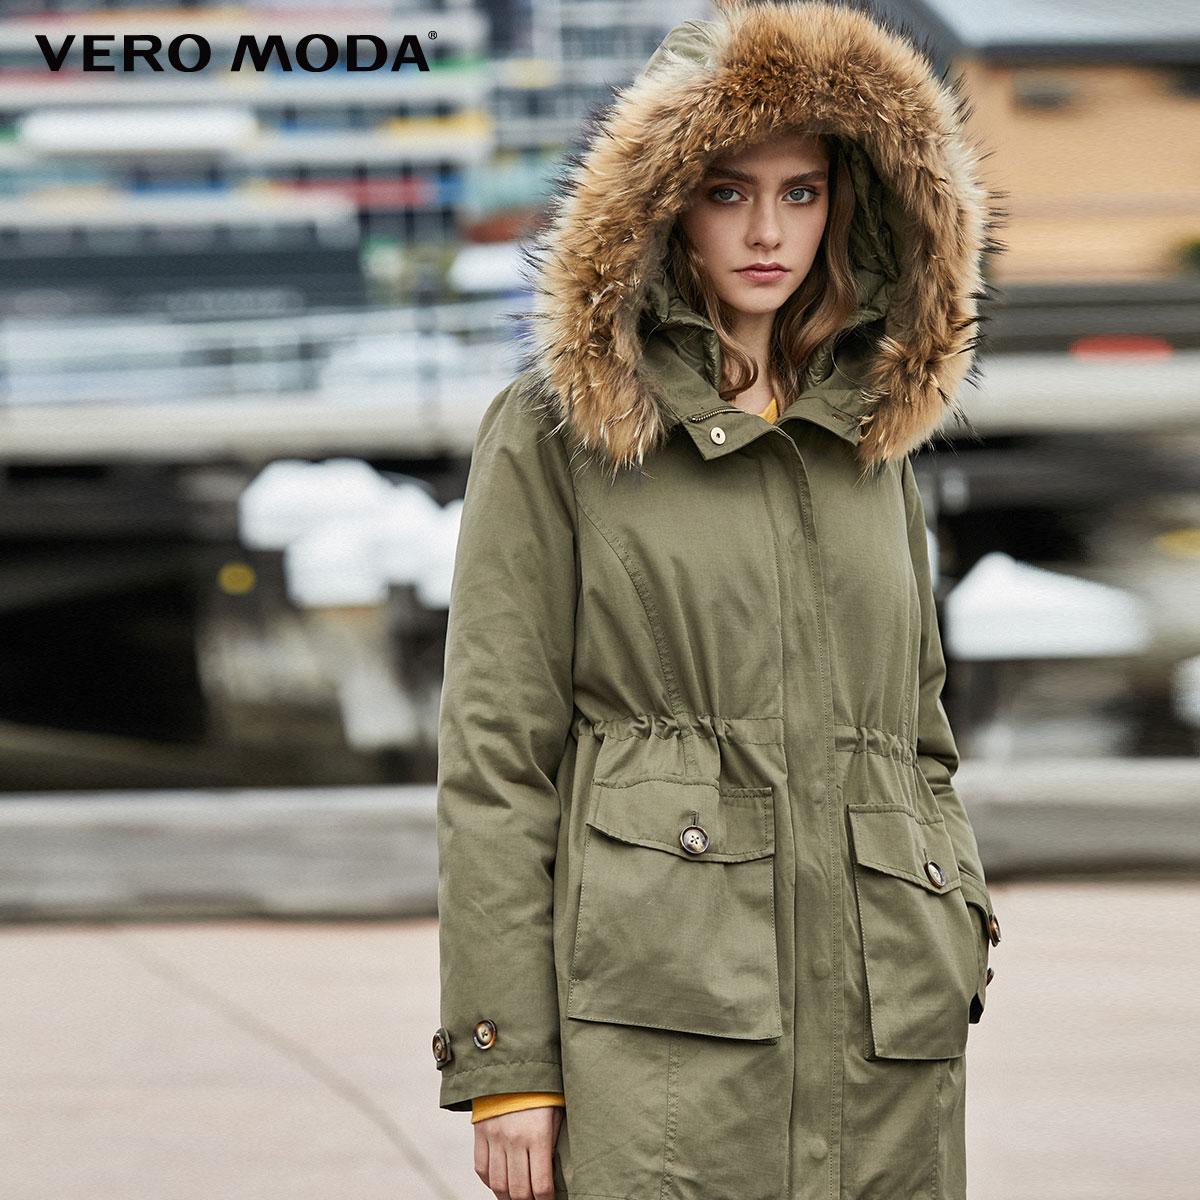 Vero Moda Detachable Lining Fur Collar Parkas   Coat     Down   Jacket   319423517